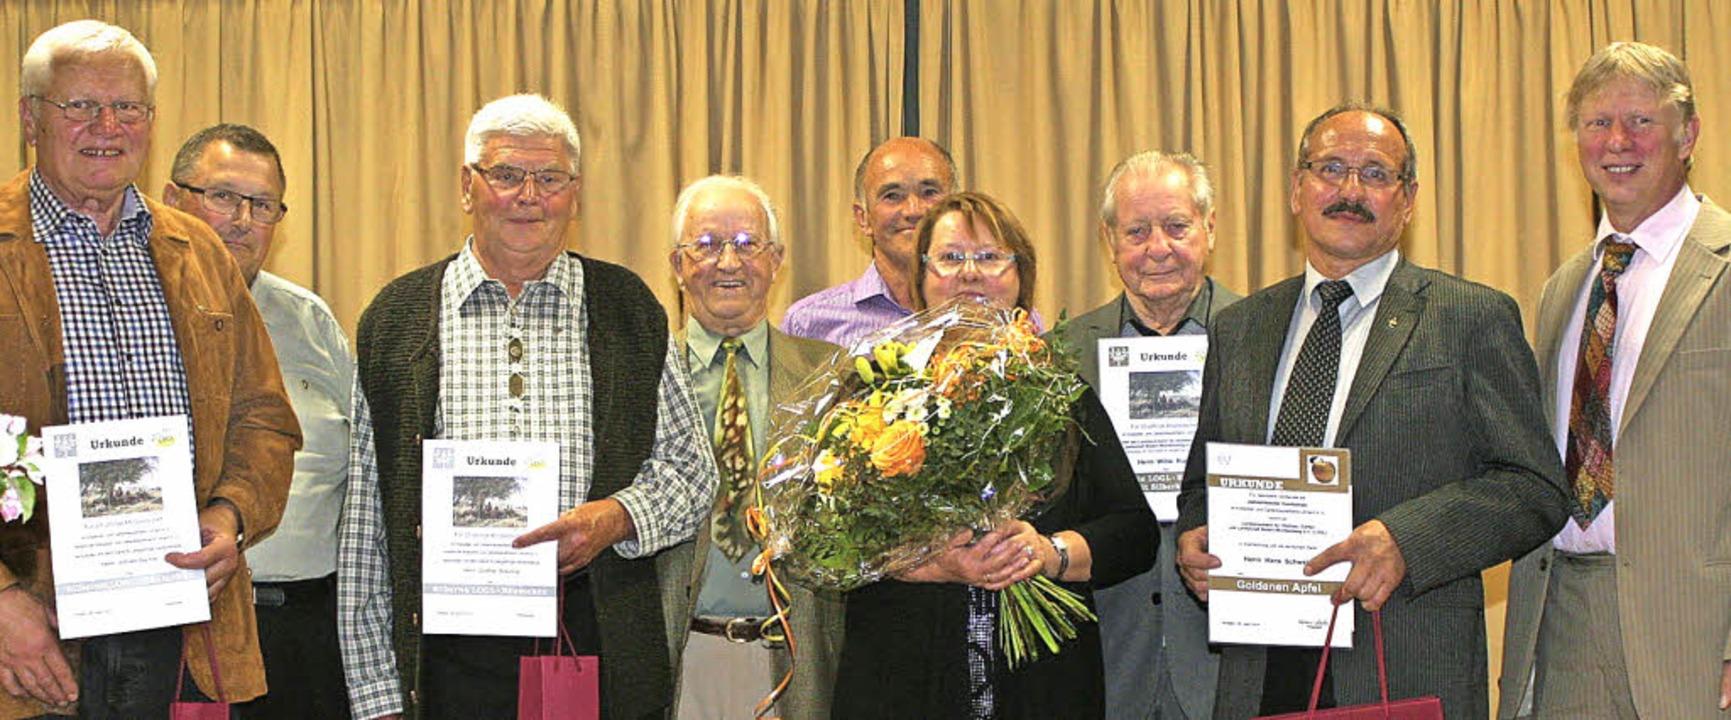 Wilfried Bechtel, Heinz Meyer, Günter ...Schwald, Klaus Nasilowski (von links)     Foto: Cremer